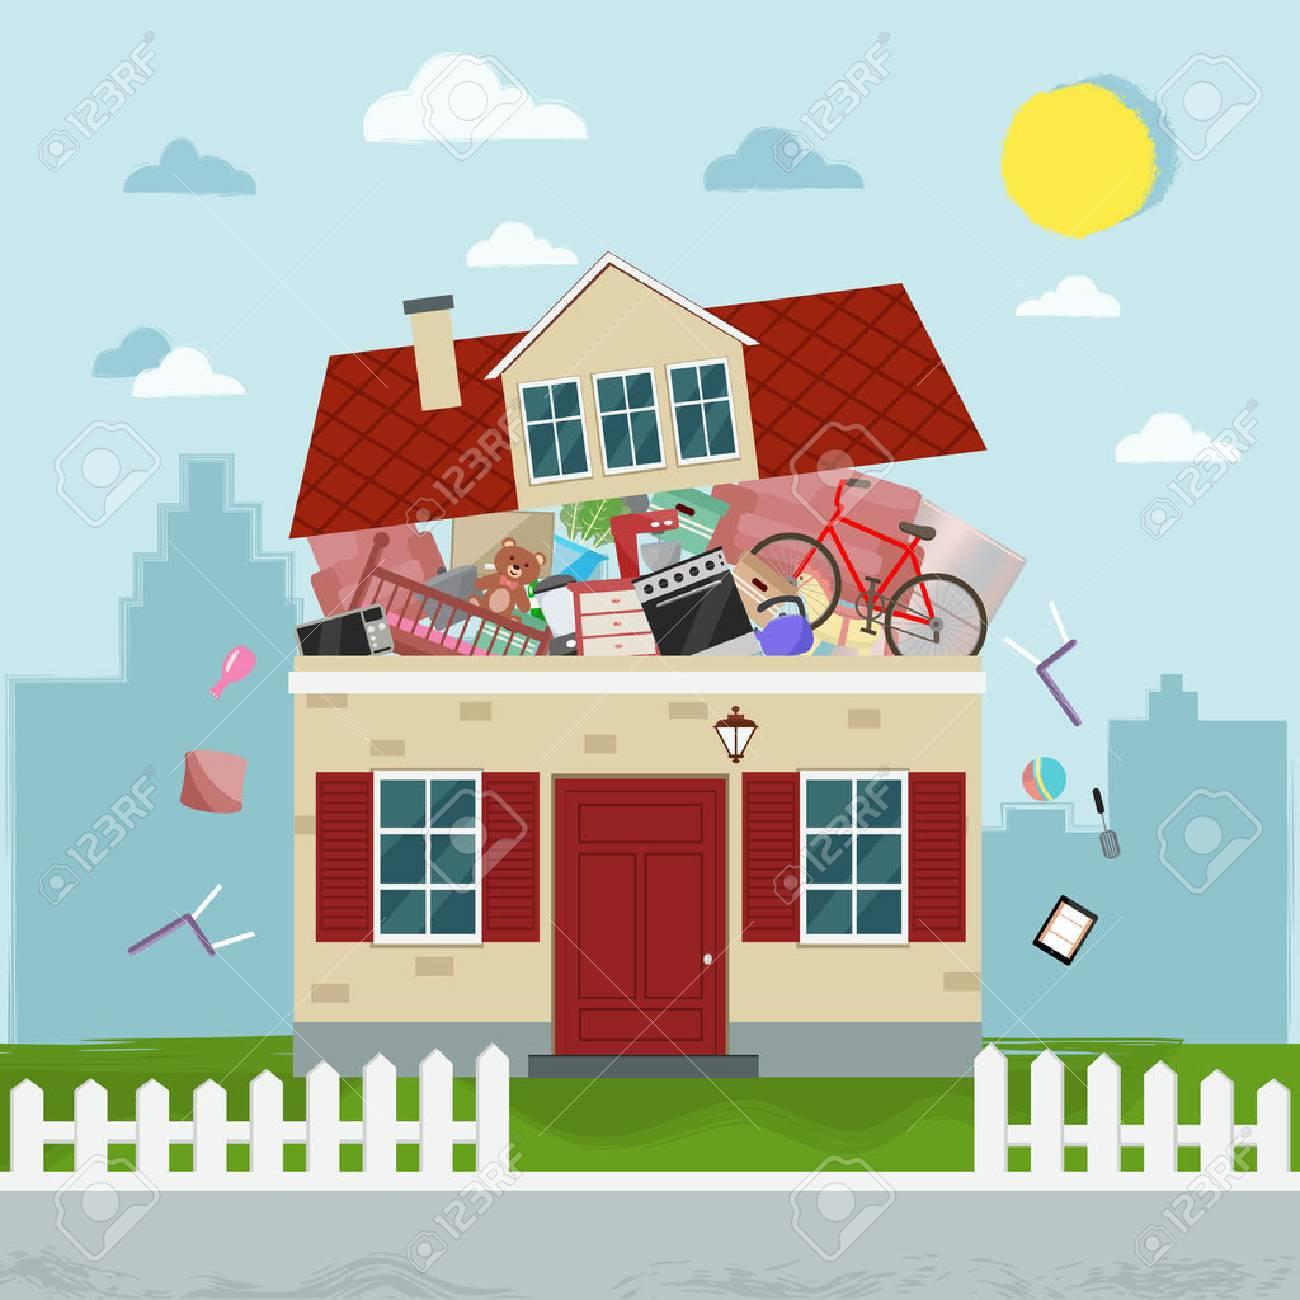 Das Konzept Des übermäßigen Konsums. Haus Platzt Vor Sachen. Vektor ...